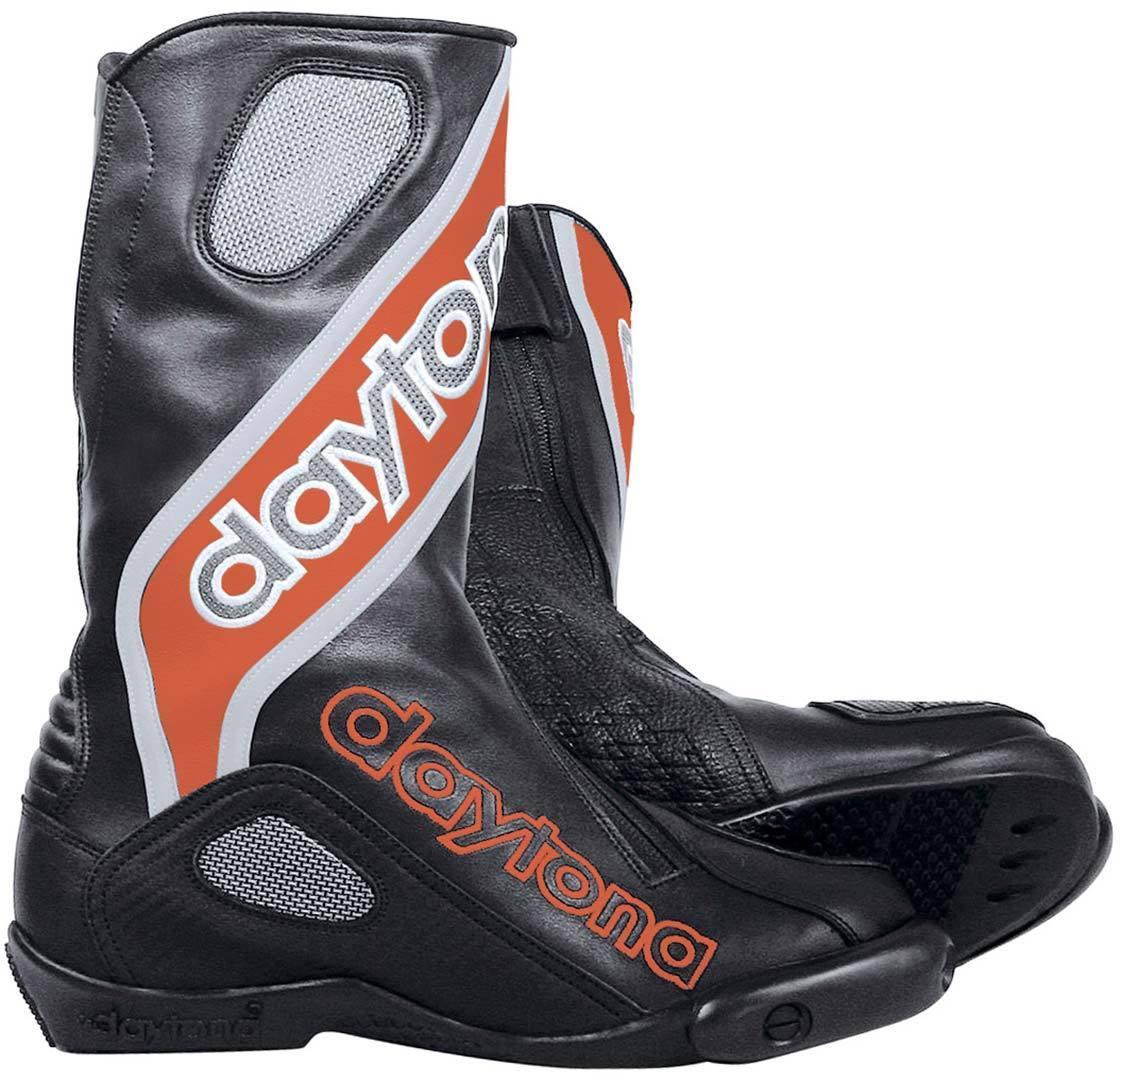 Daytona Evo-Sports GTX Gore-Tex wasserdichte Motorradstiefel, schwarz-rot, Größe 43, schwarz-rot, Größe 43